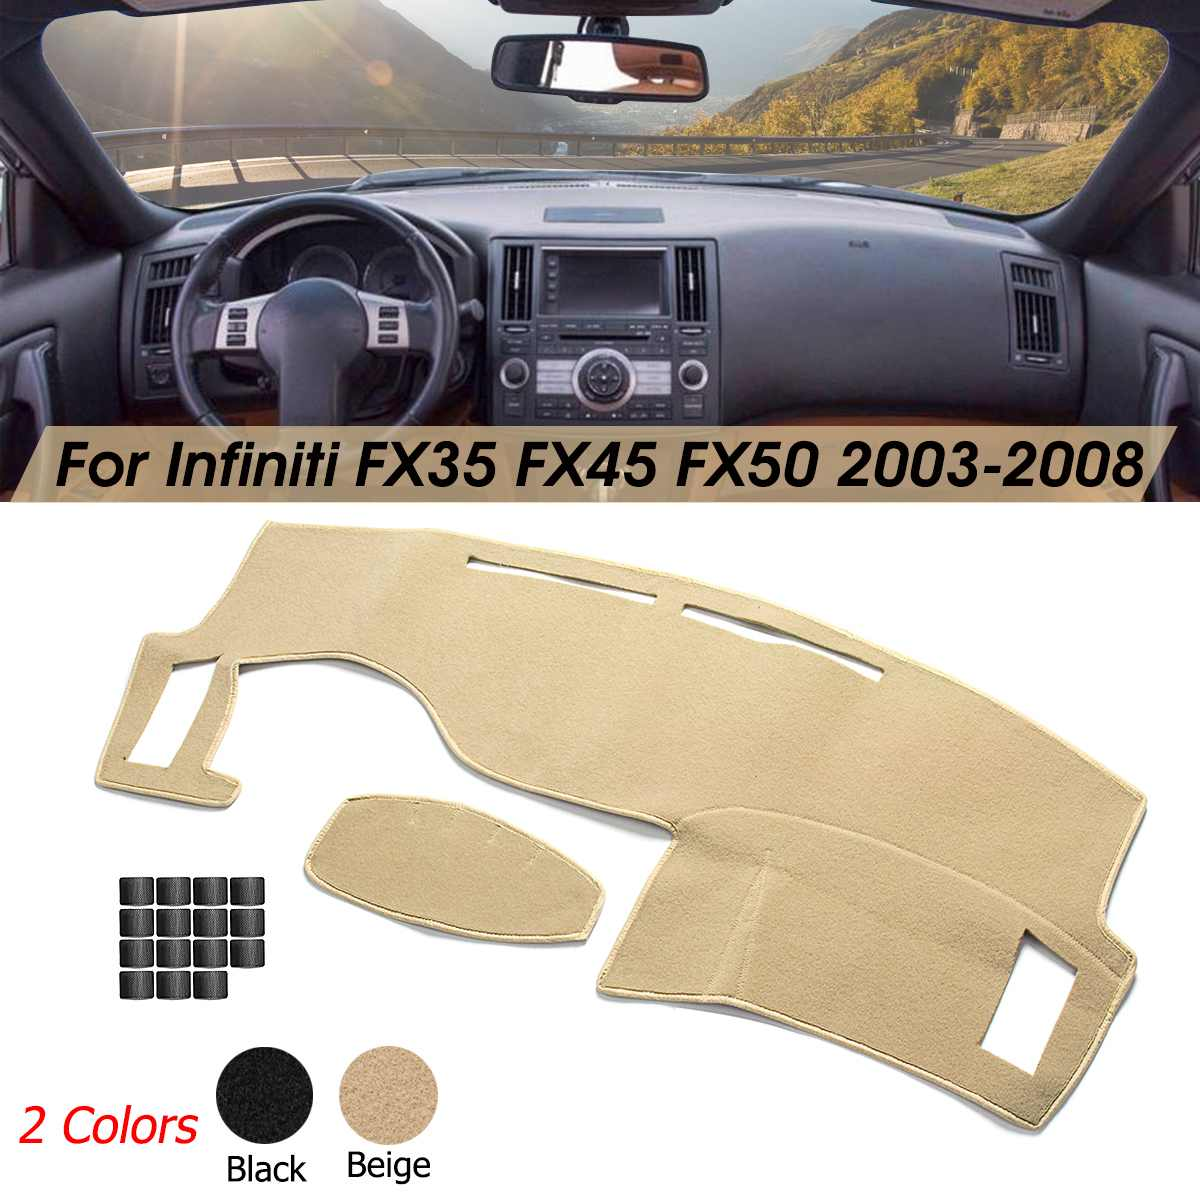 [해외]Car Dashboard Dashmat Dash Cover Sun Visors Sunshade Mat Carpet For Infiniti FX35 FX45 FX50 2003-2008 Black Beige Anti-slip/Car Dashboard Dashmat